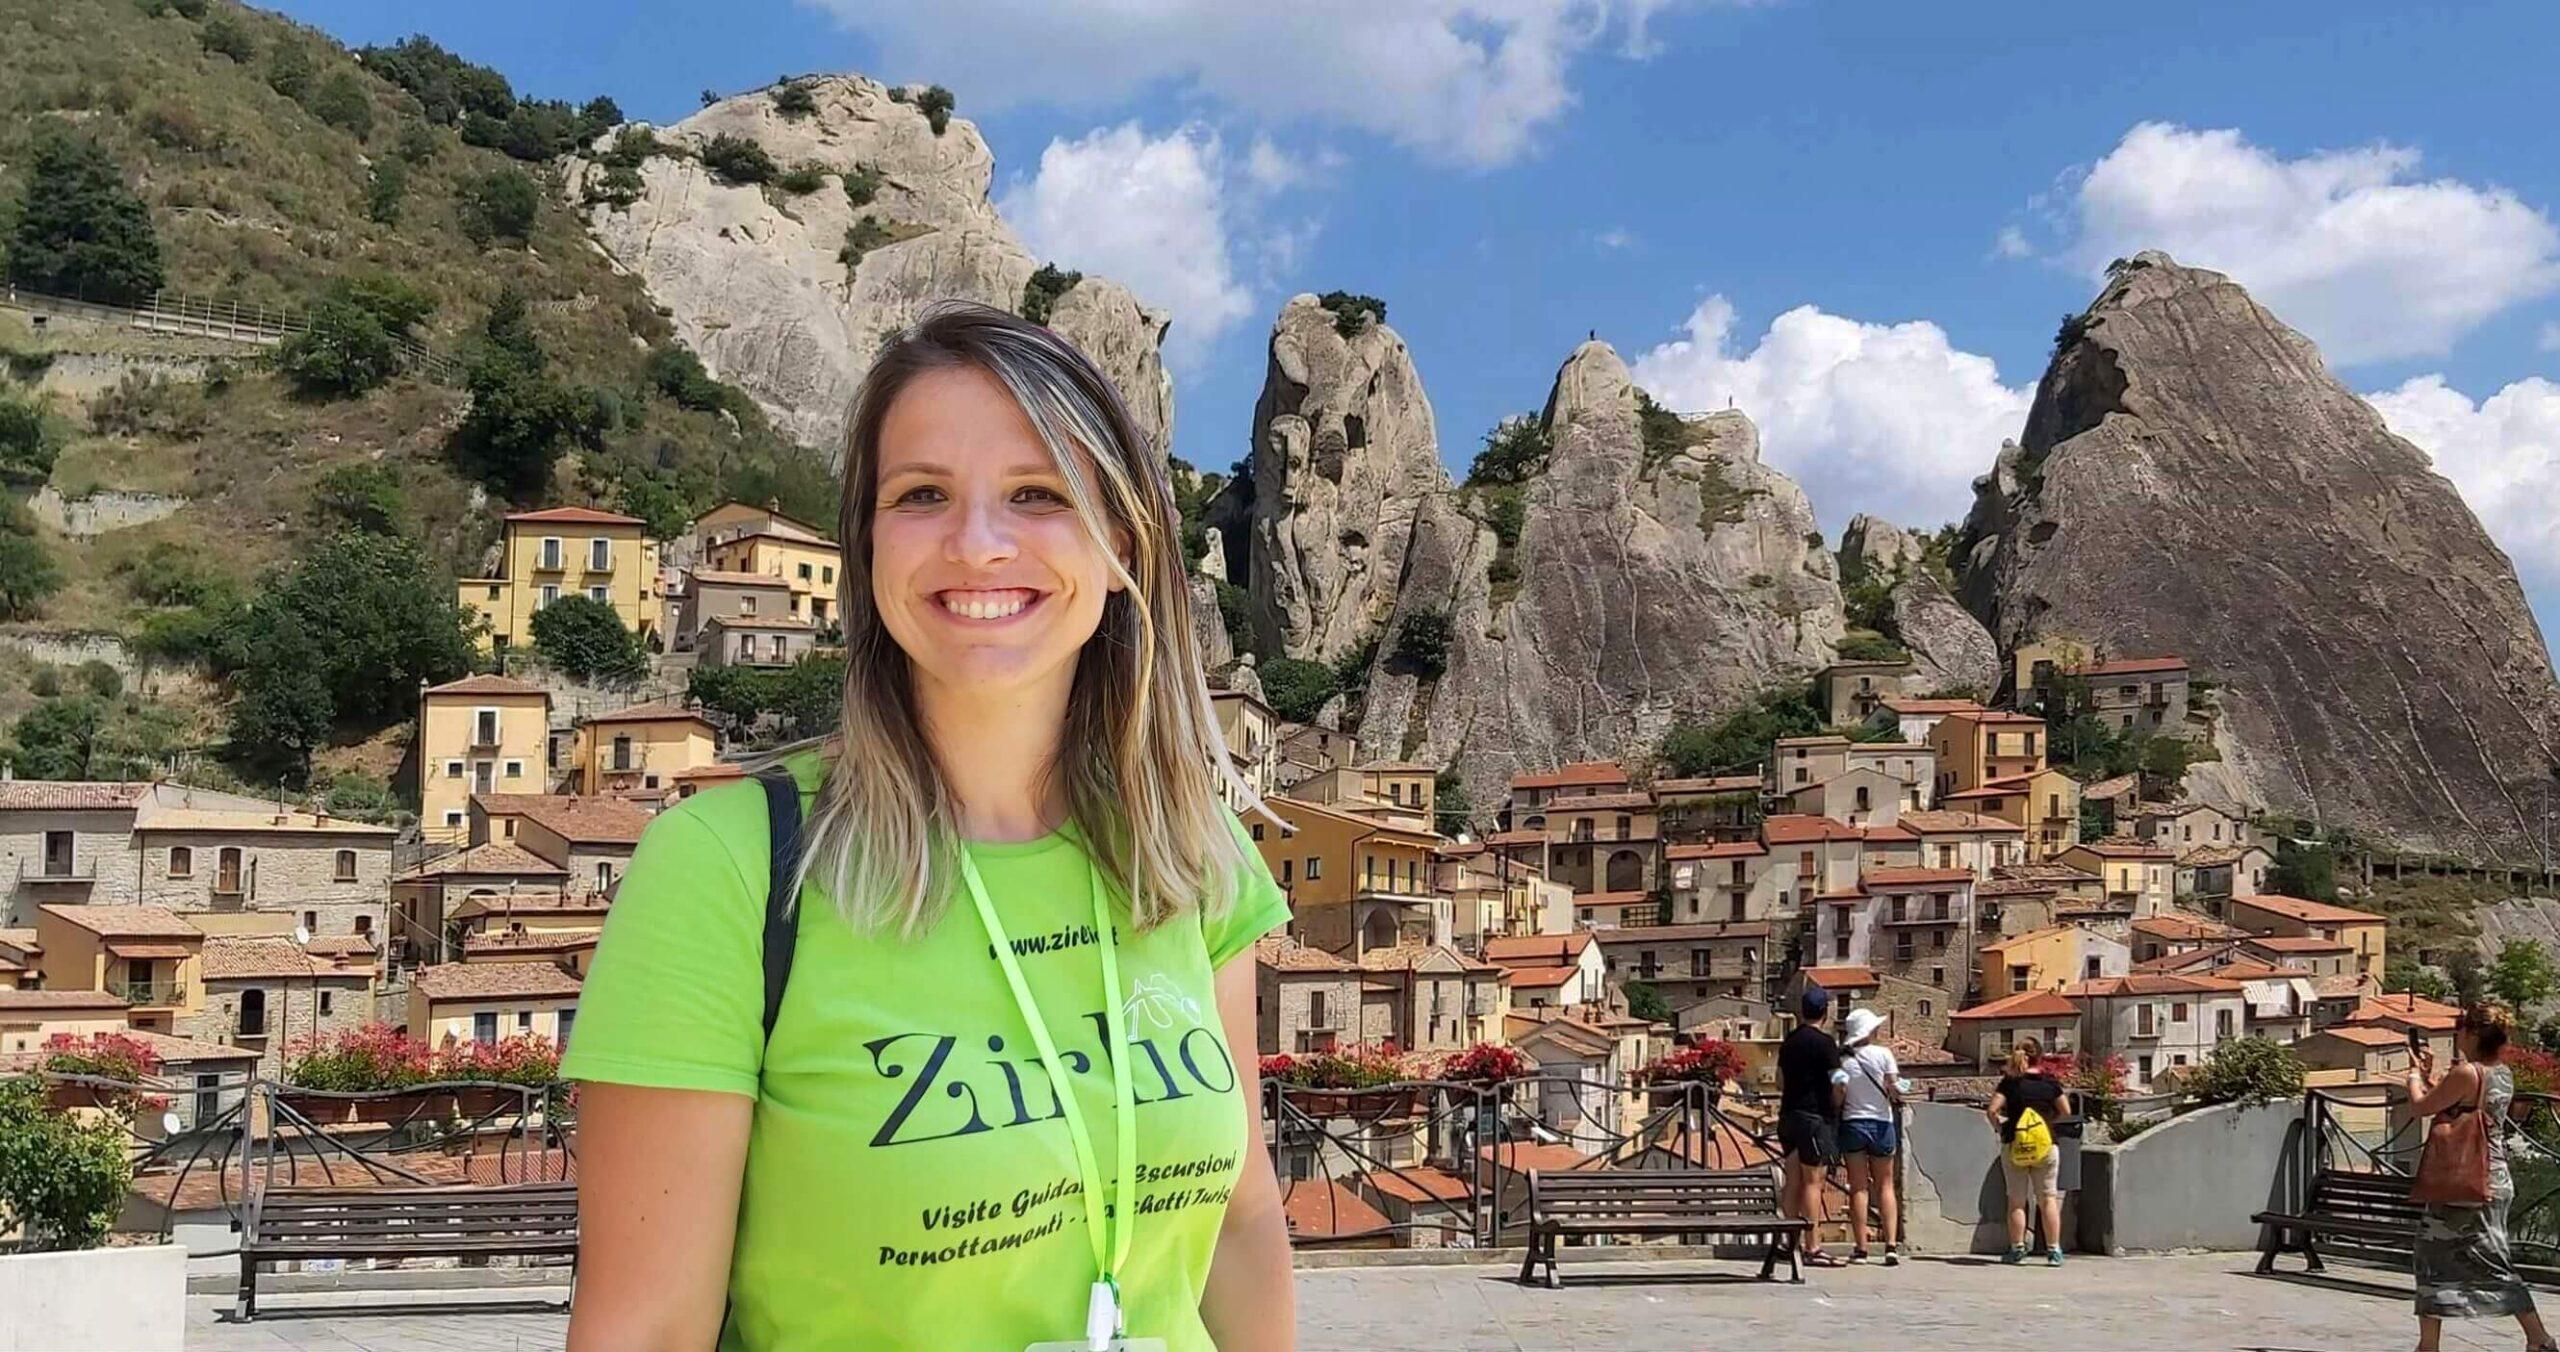 Visita guidata a Castelmezzano (PZ)